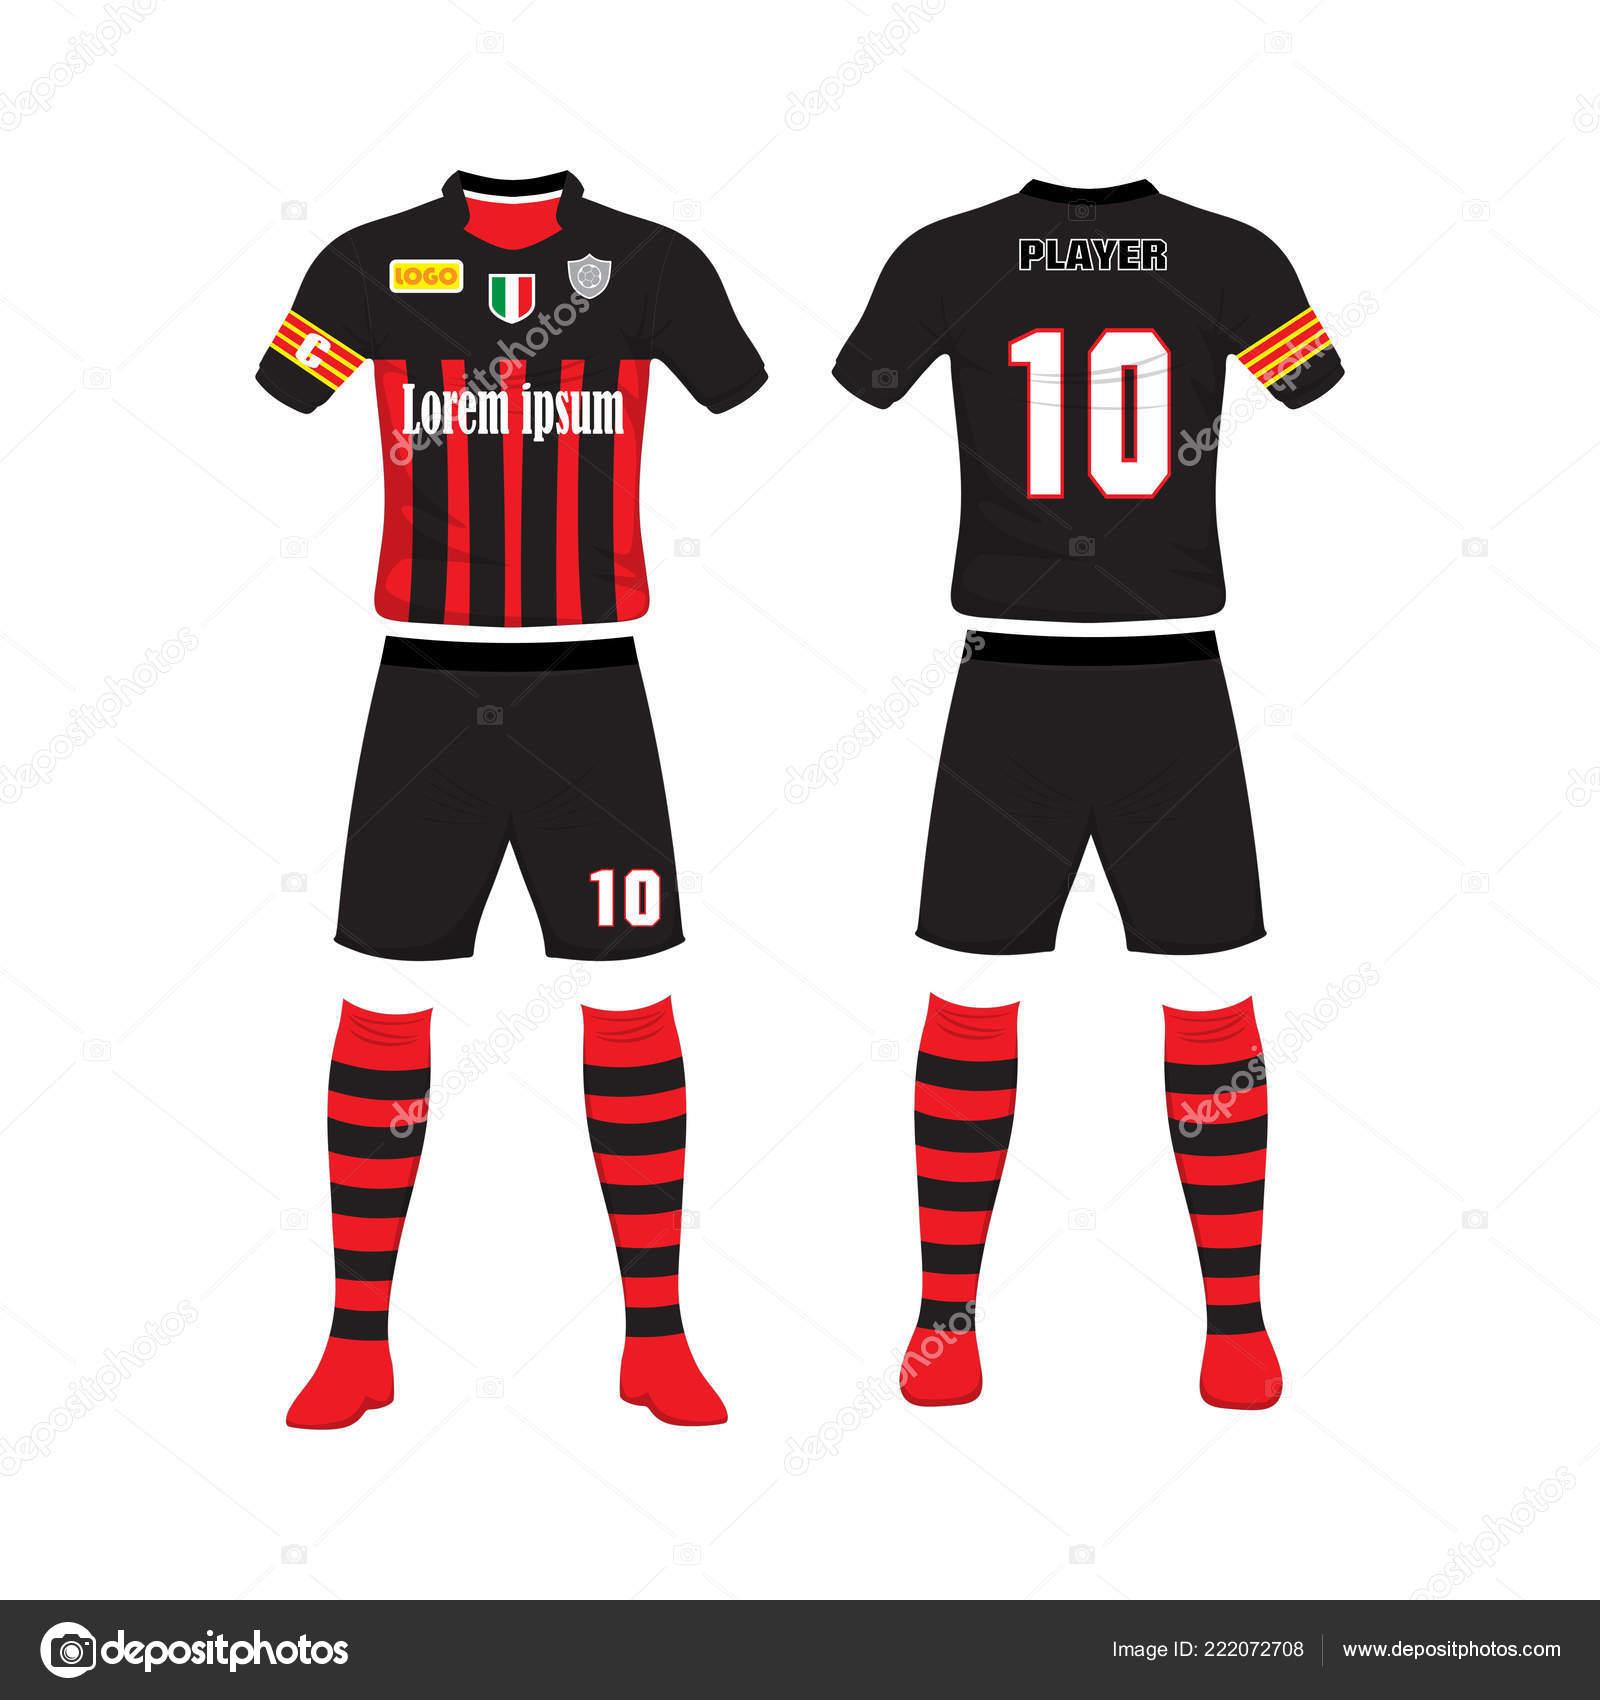 2636fe6ff7736 Uniforme Fútbol Diseño Camiseta Fútbol Soccer Camiseta Fútbol Fútbol Fútbol  — Archivo Imágenes Vectoriales